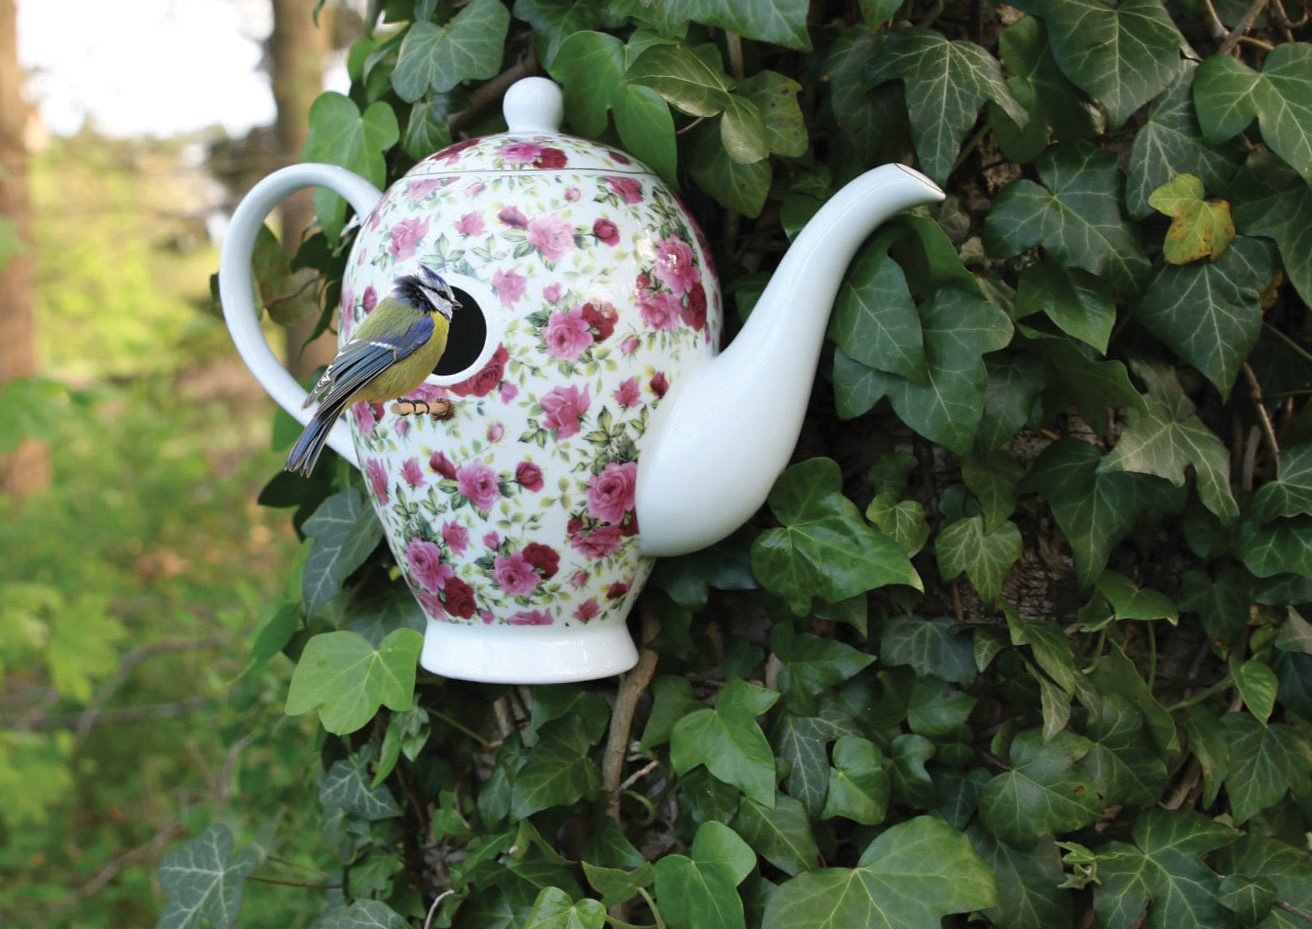 Coffee Pot Bird House Chintz Floral Design Fallen Fruits